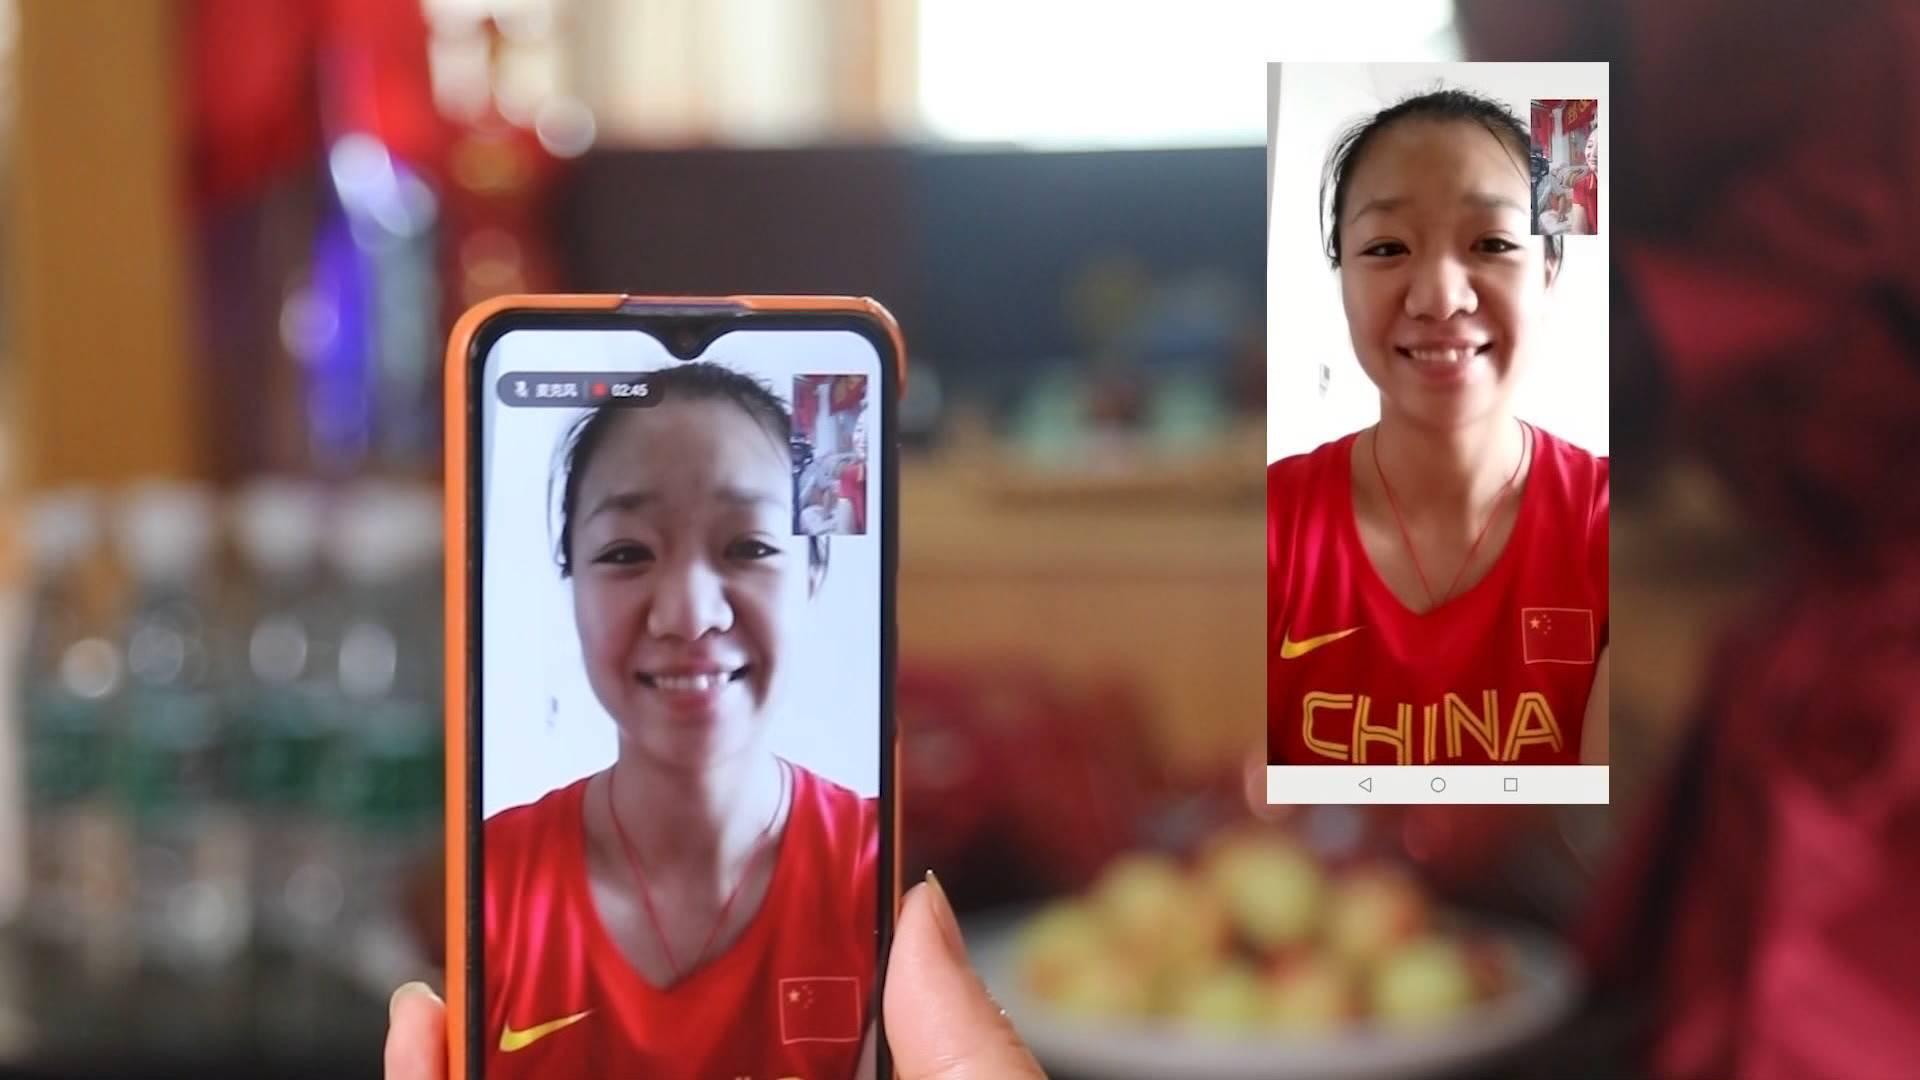 最想吃爸爸做的小龙虾 调侃妈妈挺自恋 奥运冠军刘诗颖与家人闲话家常